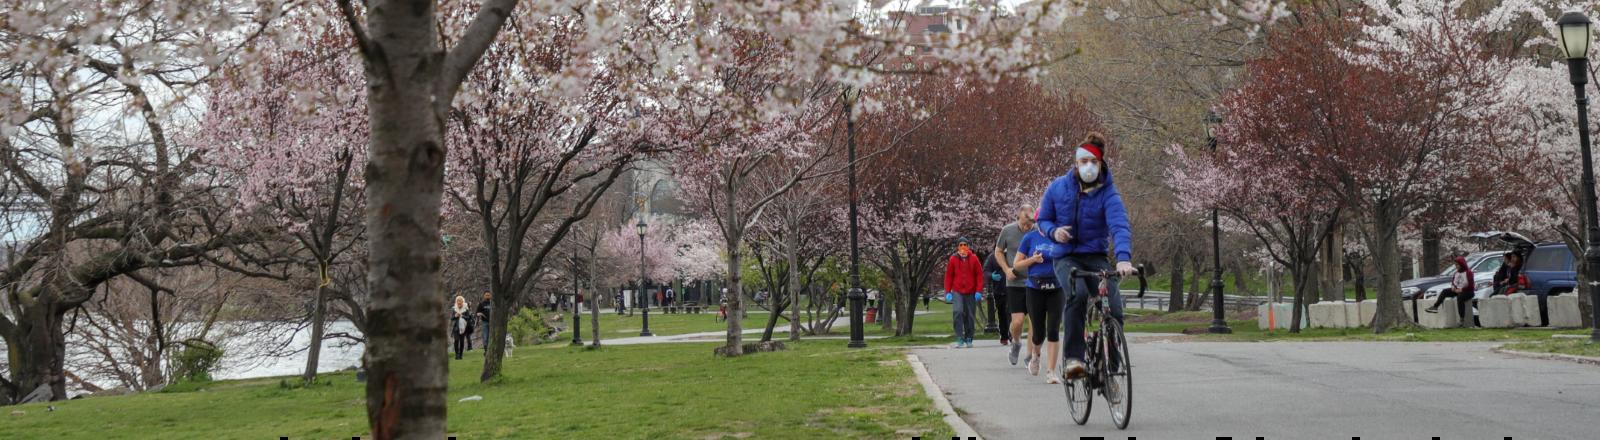 Mann mit Mundschutz auf einem Fahrrad. Der Weg ist gesäumt von blühenden Kirschbäumen.